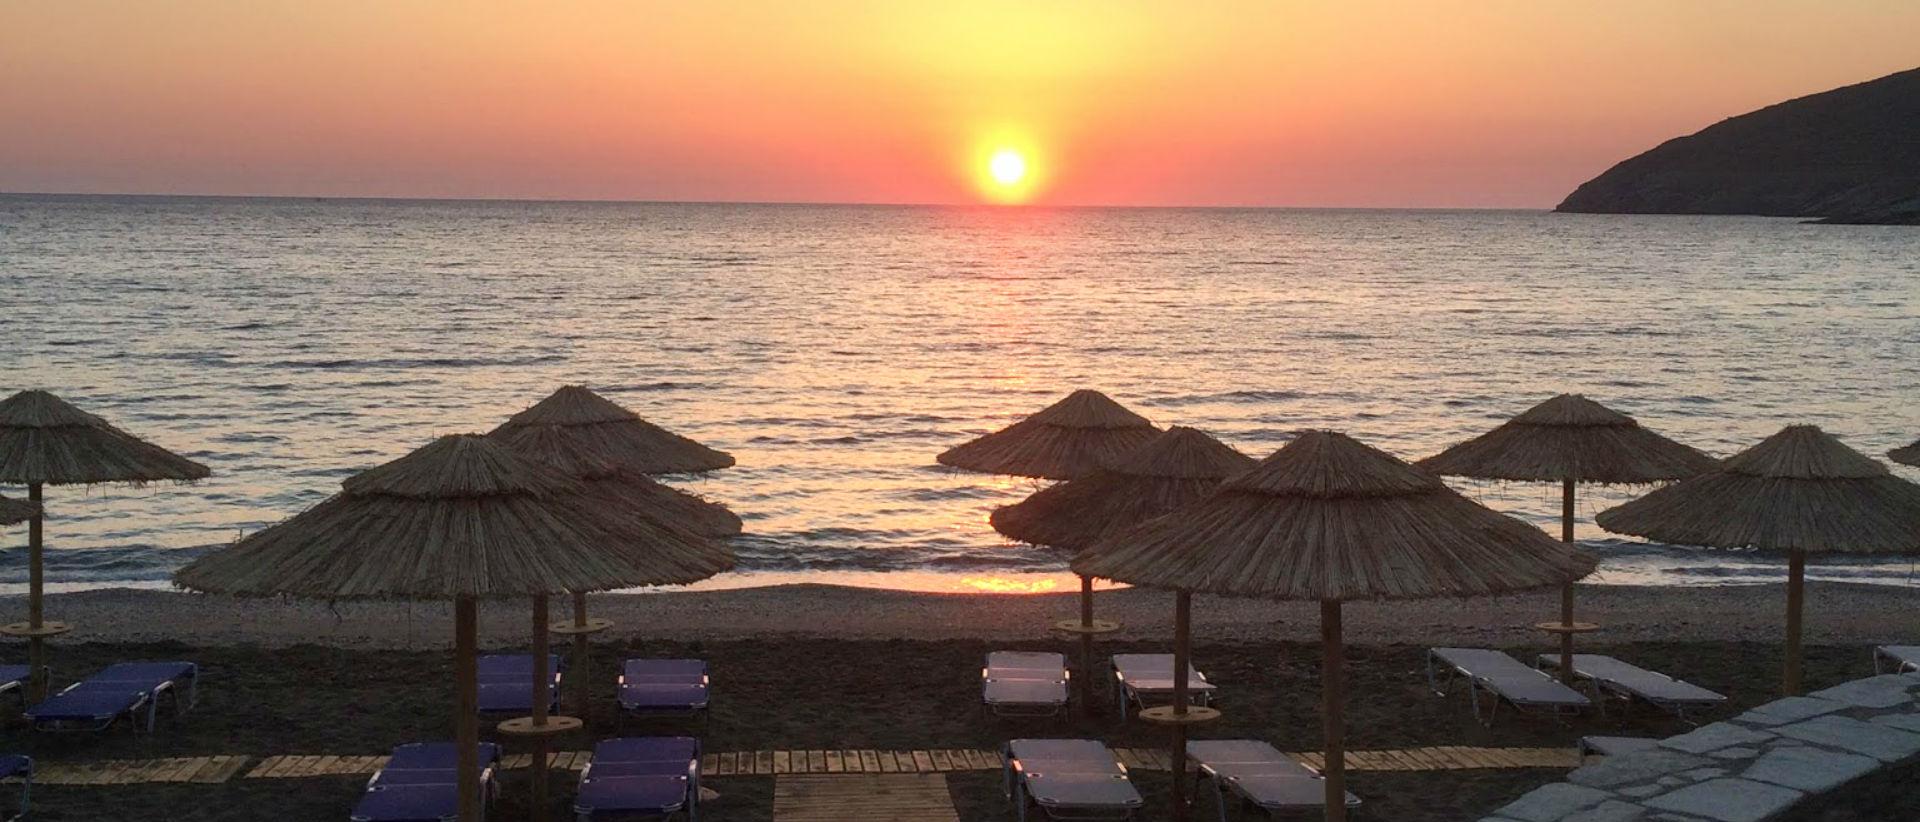 Το Μylos Beach Bar υπόσχεται πολλές εκπλήξεις για το καλοκαίρι του 2018!